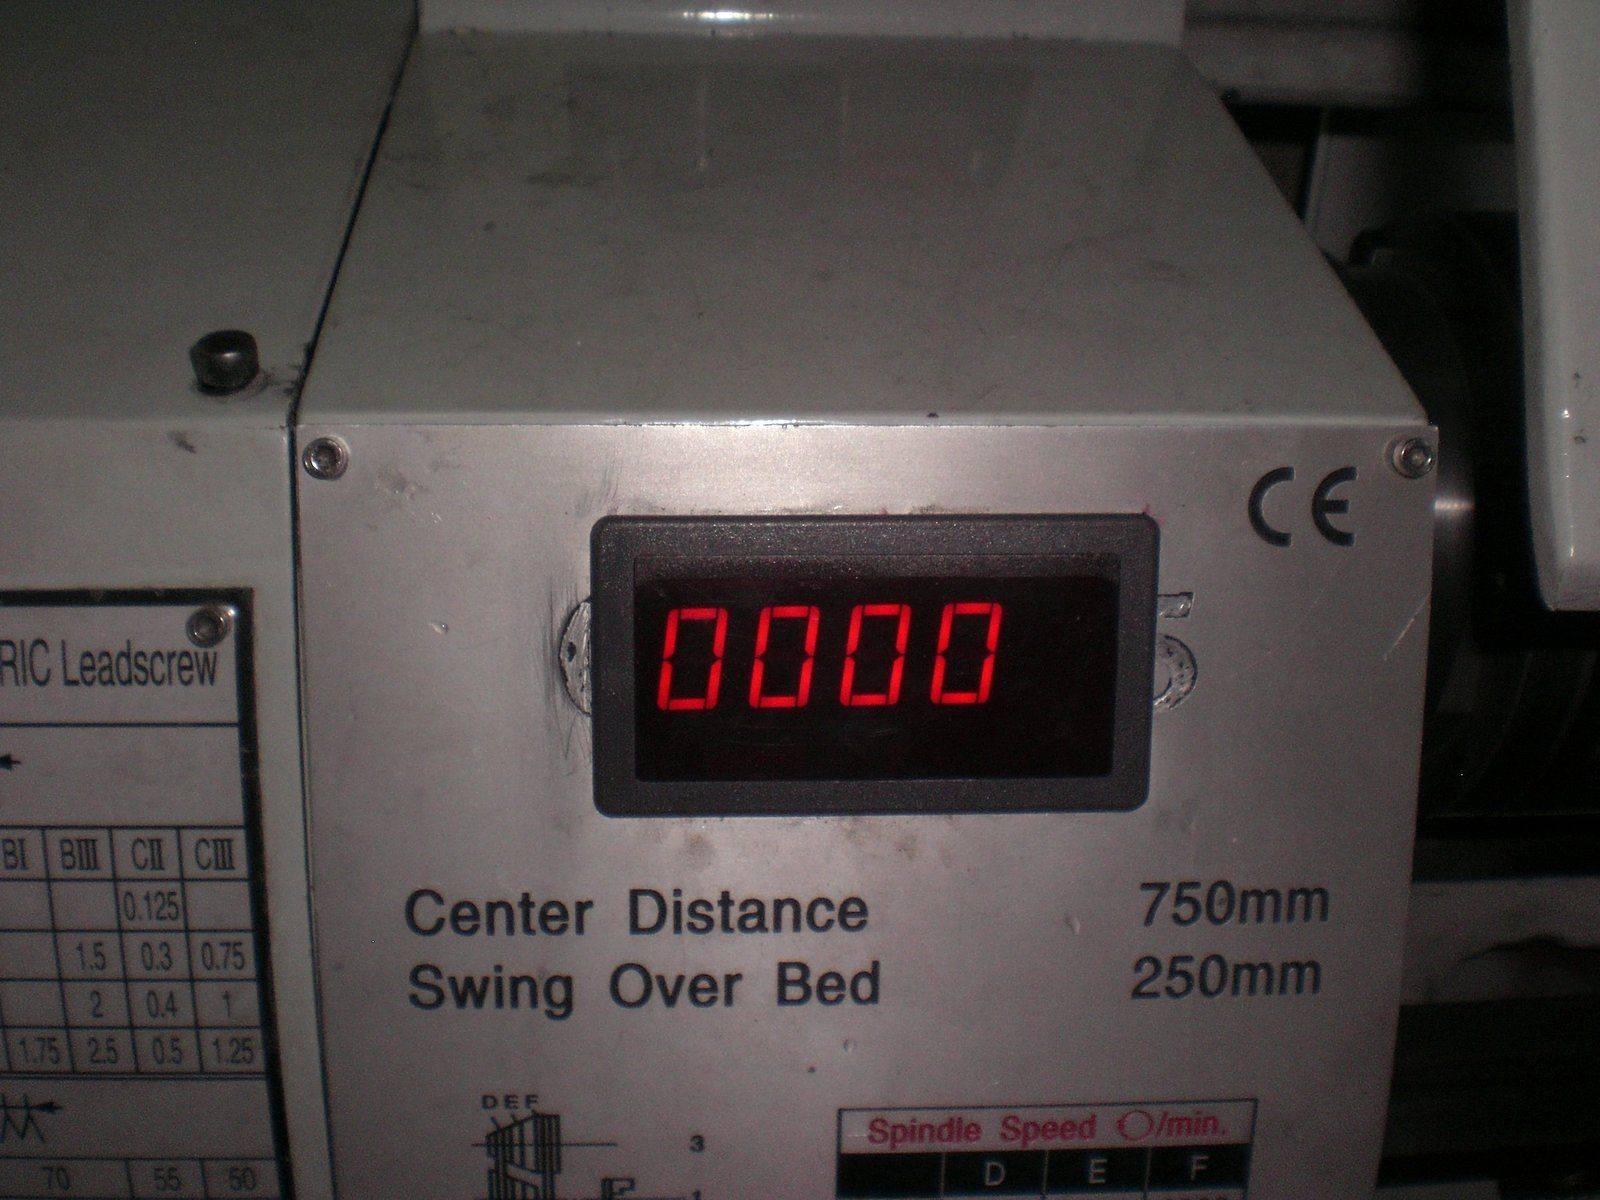 CIMG0020.JPG